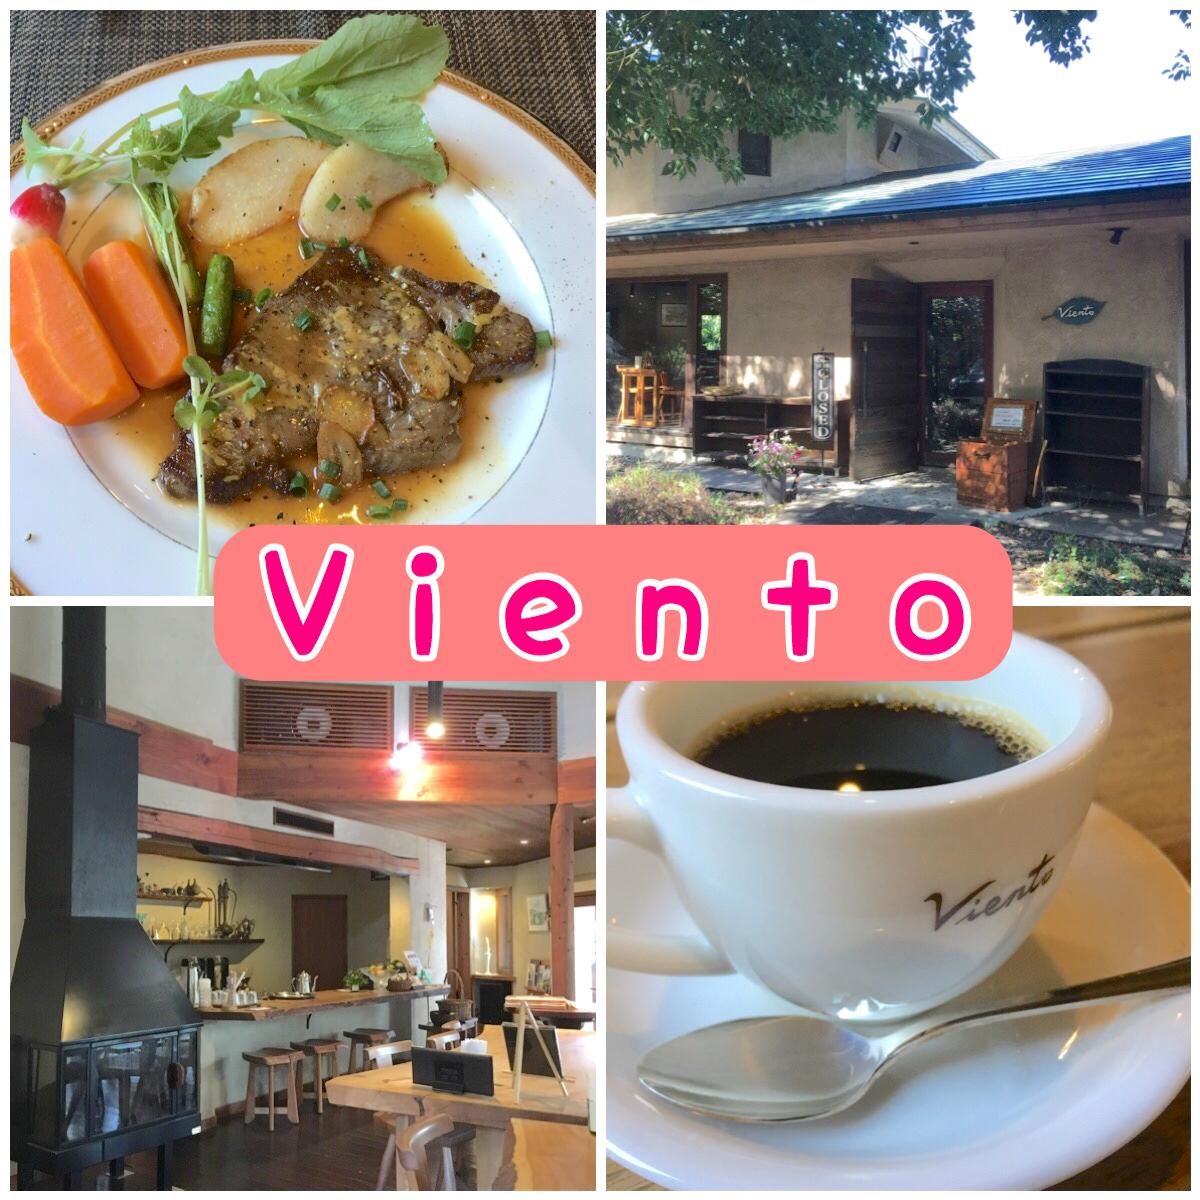 【杜のカフェ ヴィエント】伊奈町の癒し系カフェでランチを味わう